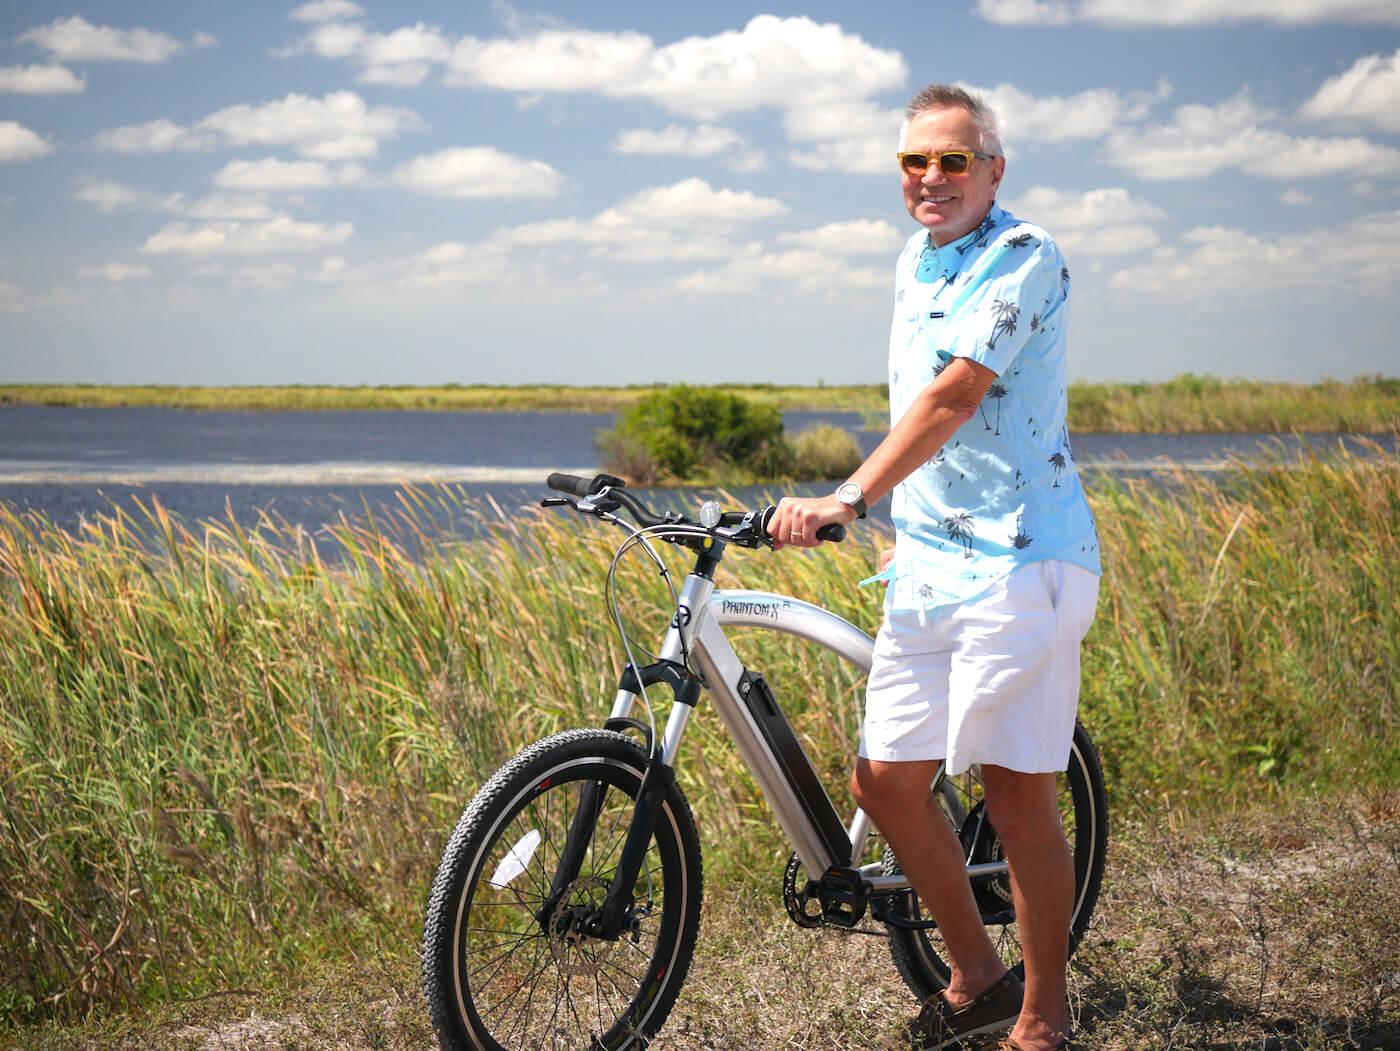 life-ev-phantom-xr-electric-bike